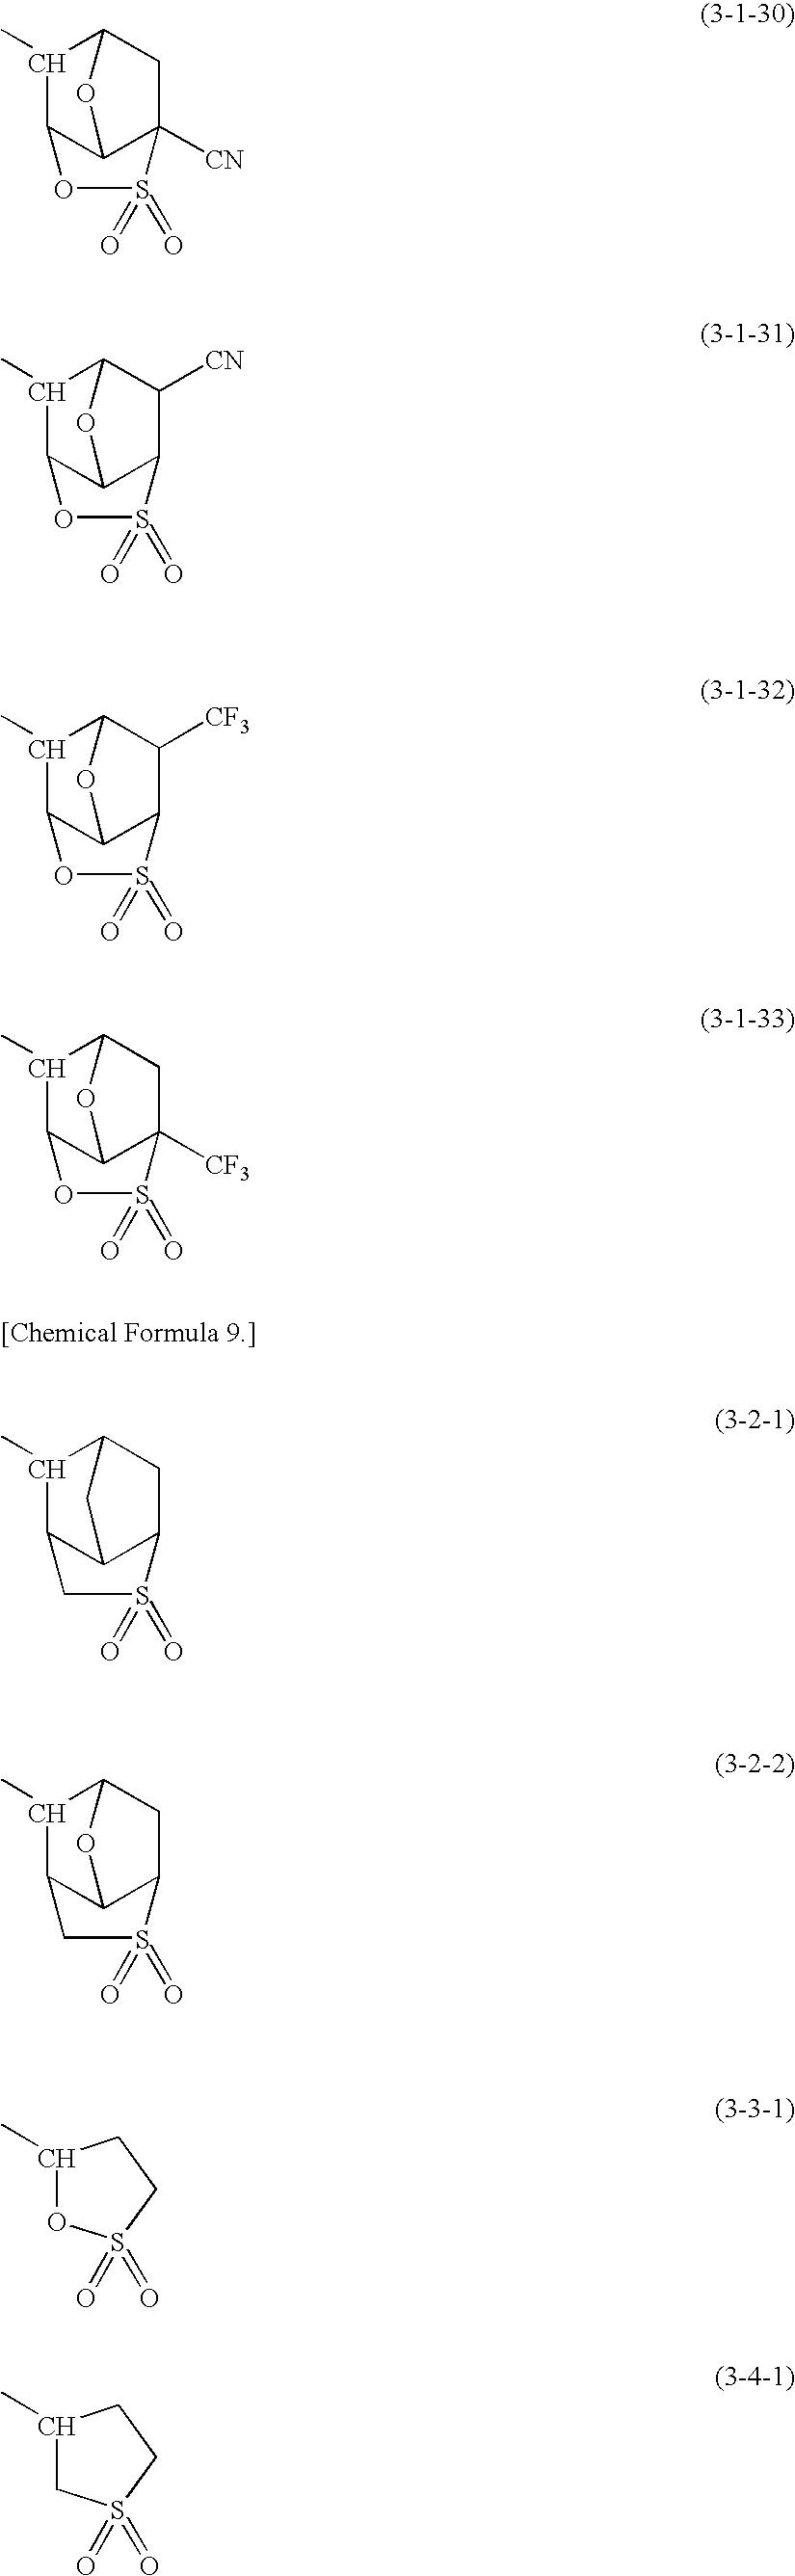 Figure US20100196821A1-20100805-C00011